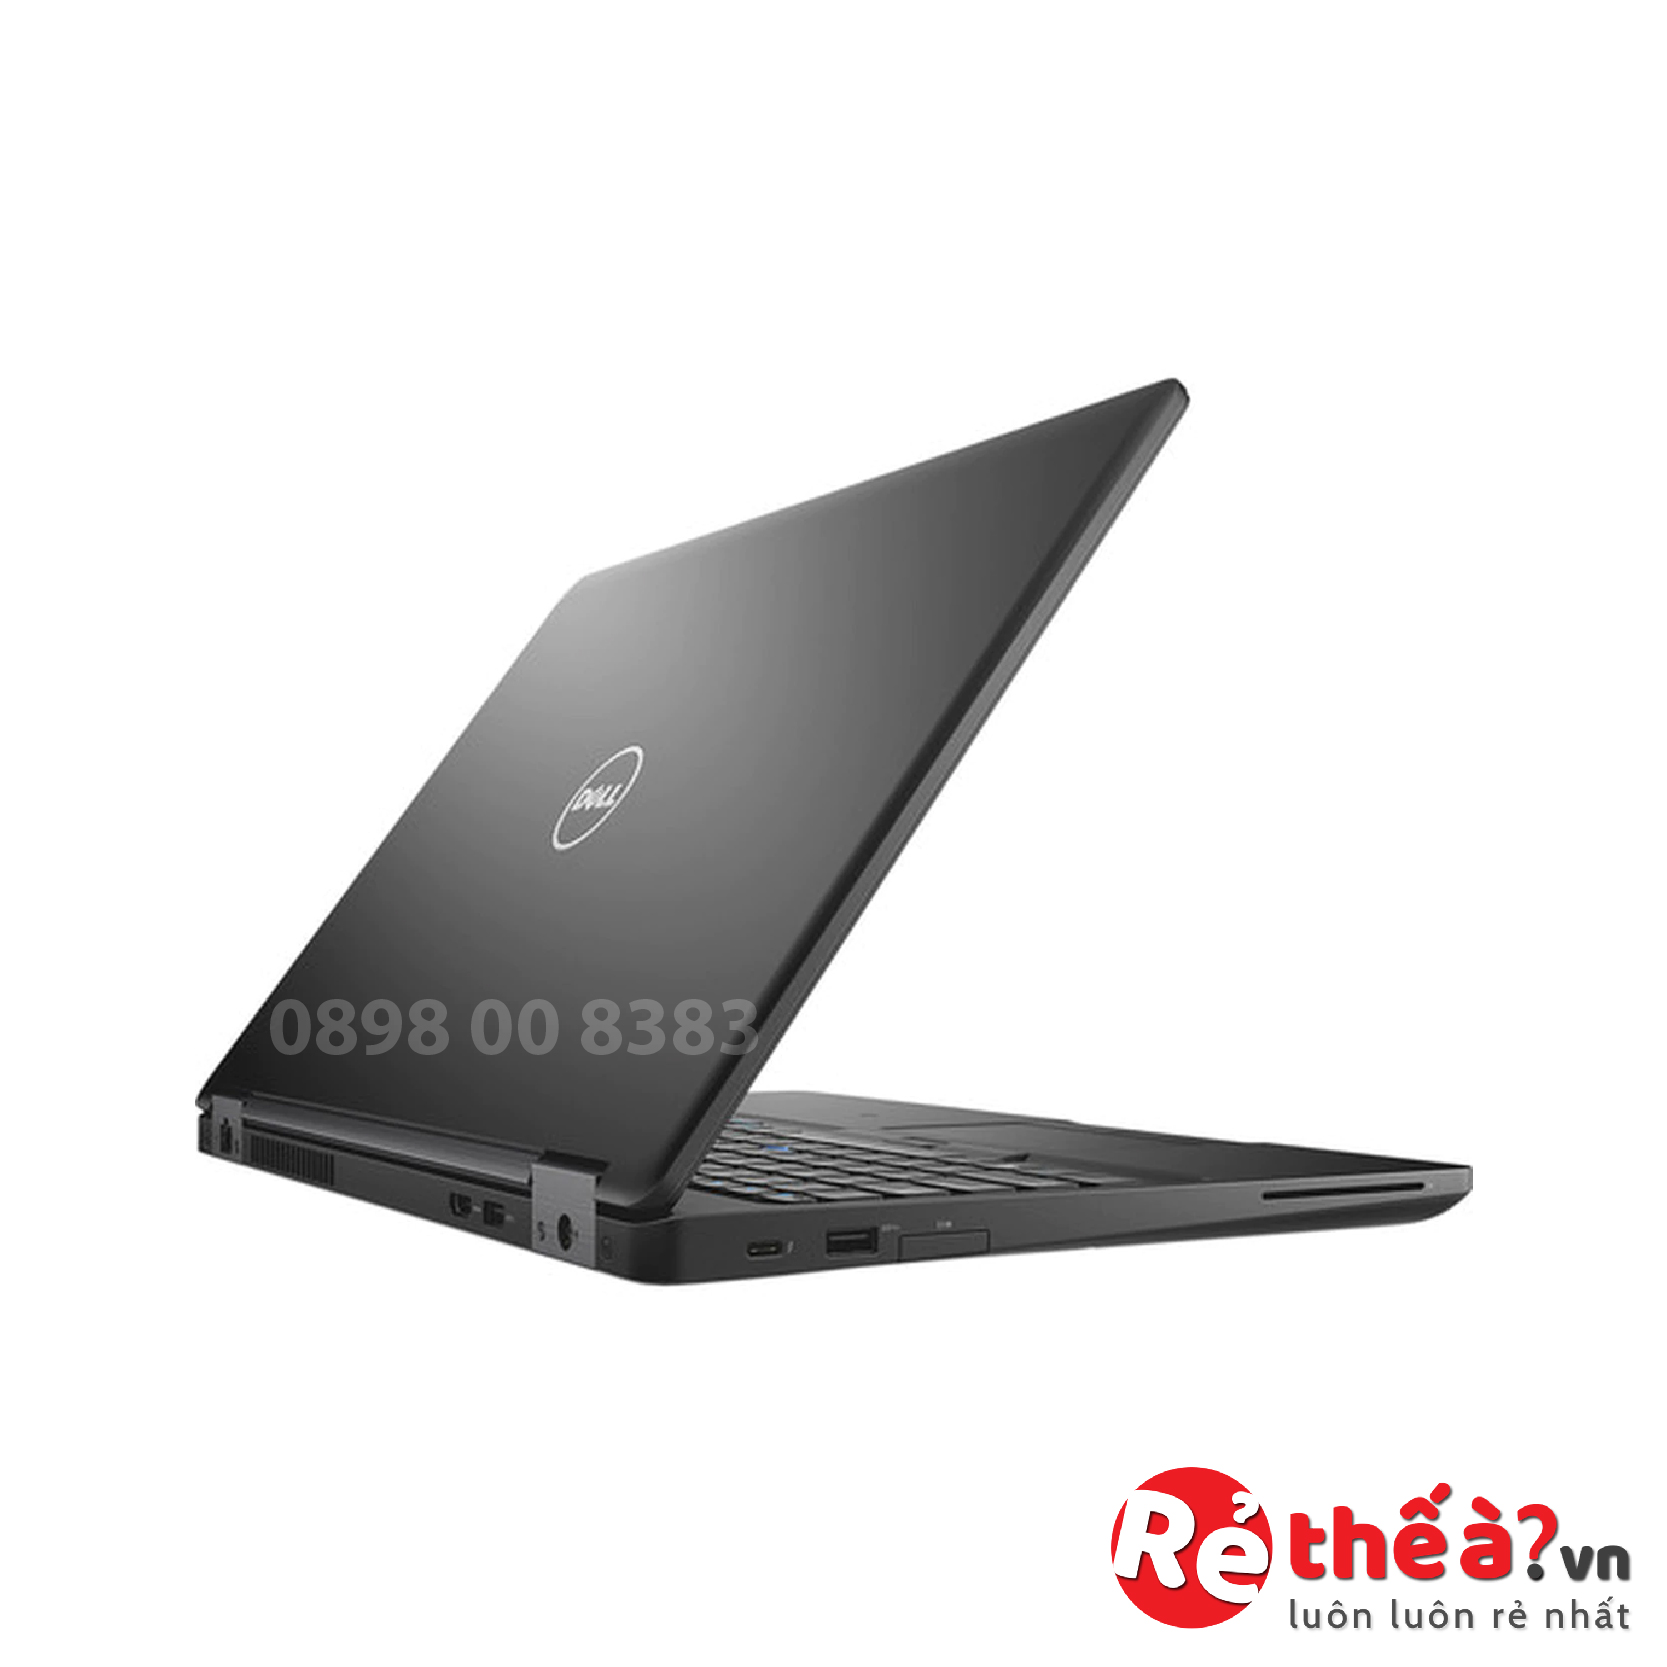 Laptop Dell Precision M3520